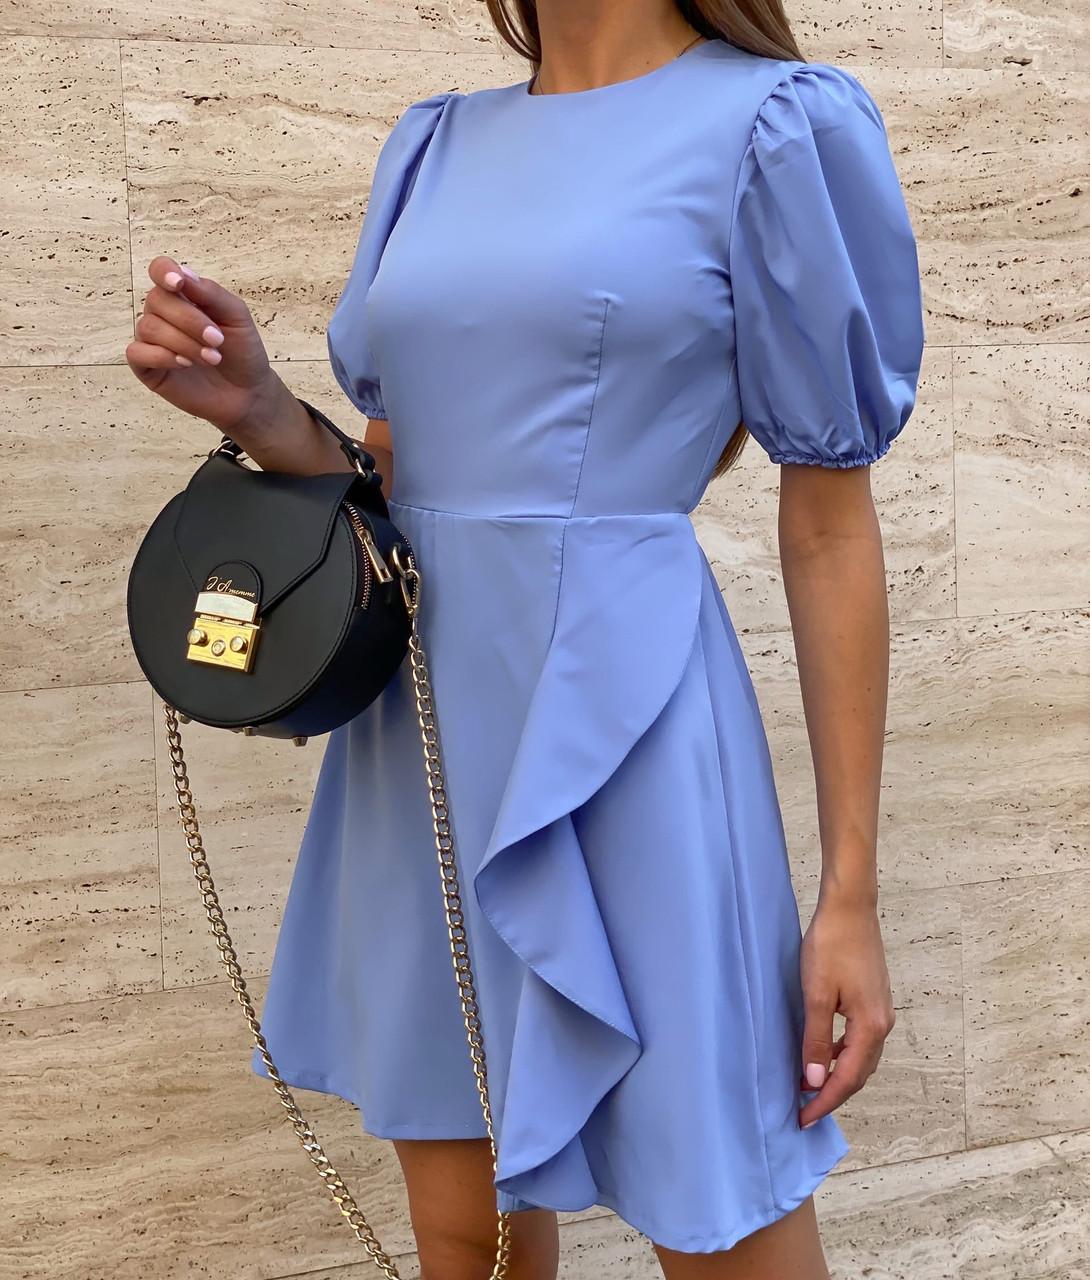 Коротке плаття з відкритою спиною і пишними рукавами